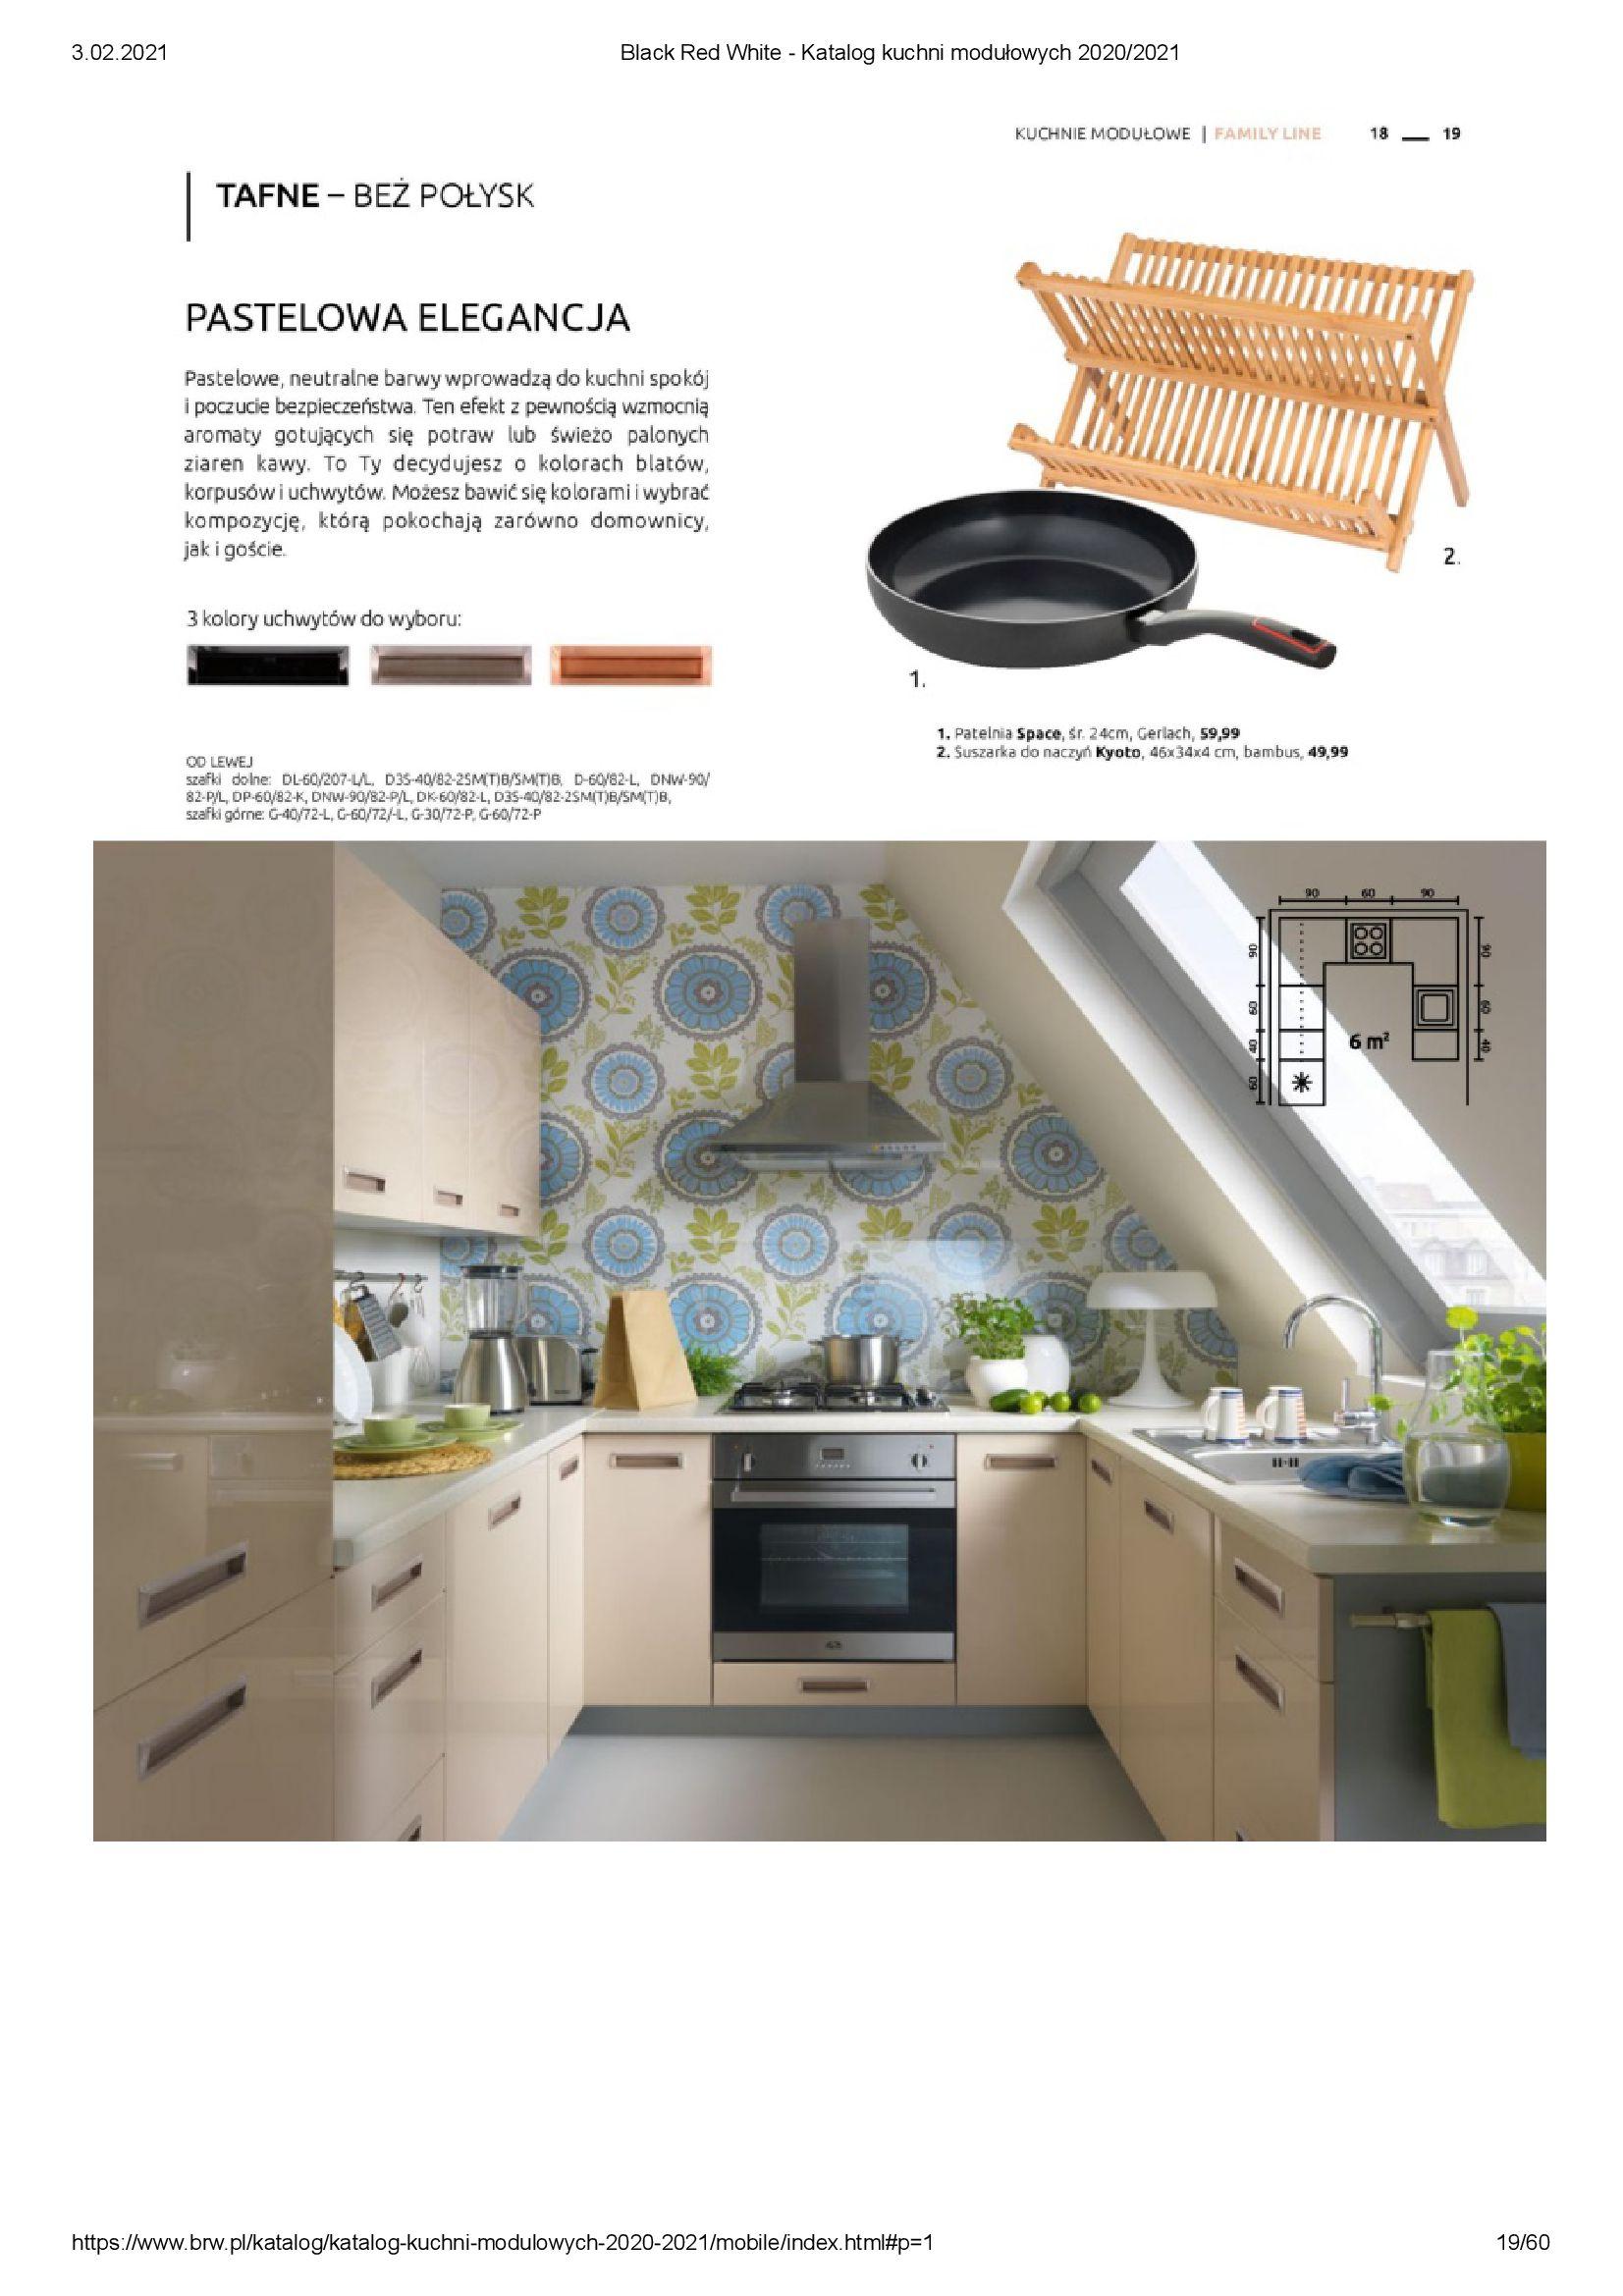 Gazetka Black Red White: Katalog - Kuchnie modułowe 2020/2021 2021-01-01 page-19